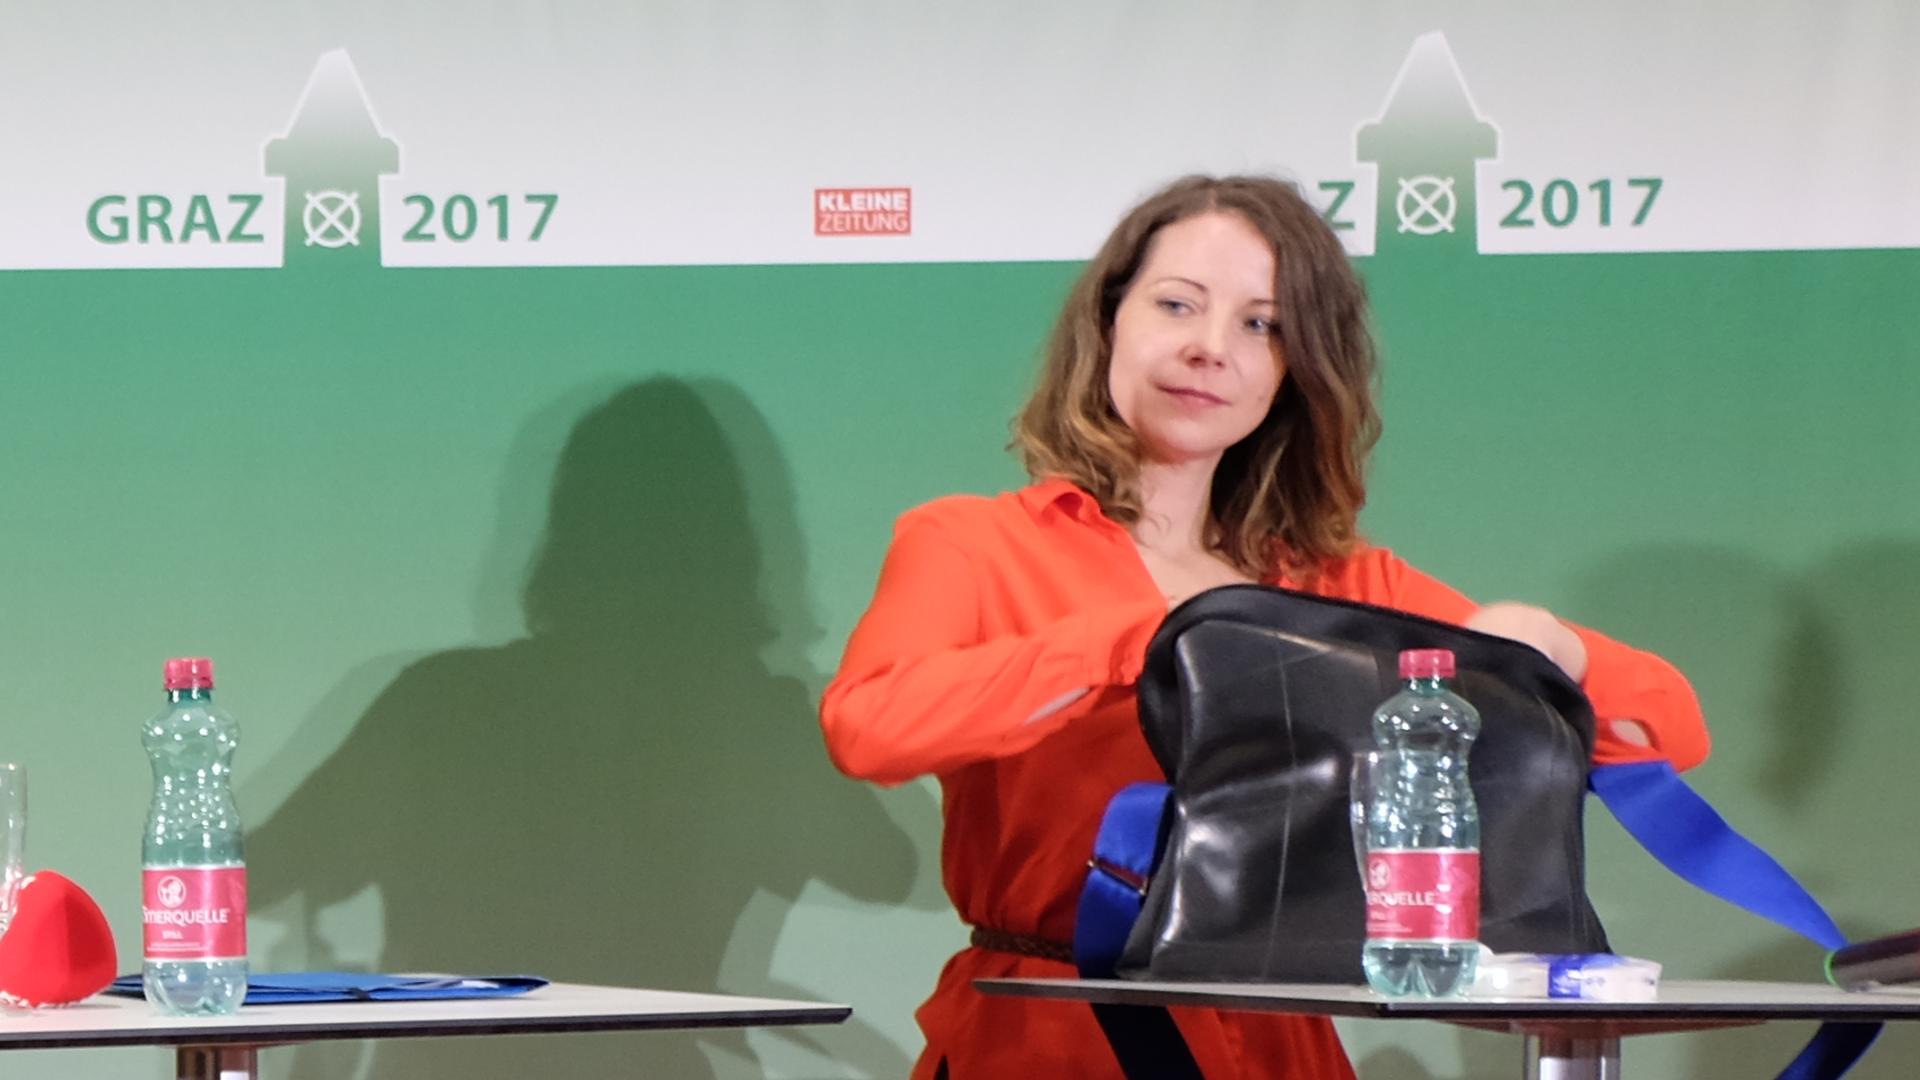 Tina-Wirnsberger-packt-Tasche-Kleine-Zeitung-Arena-2017